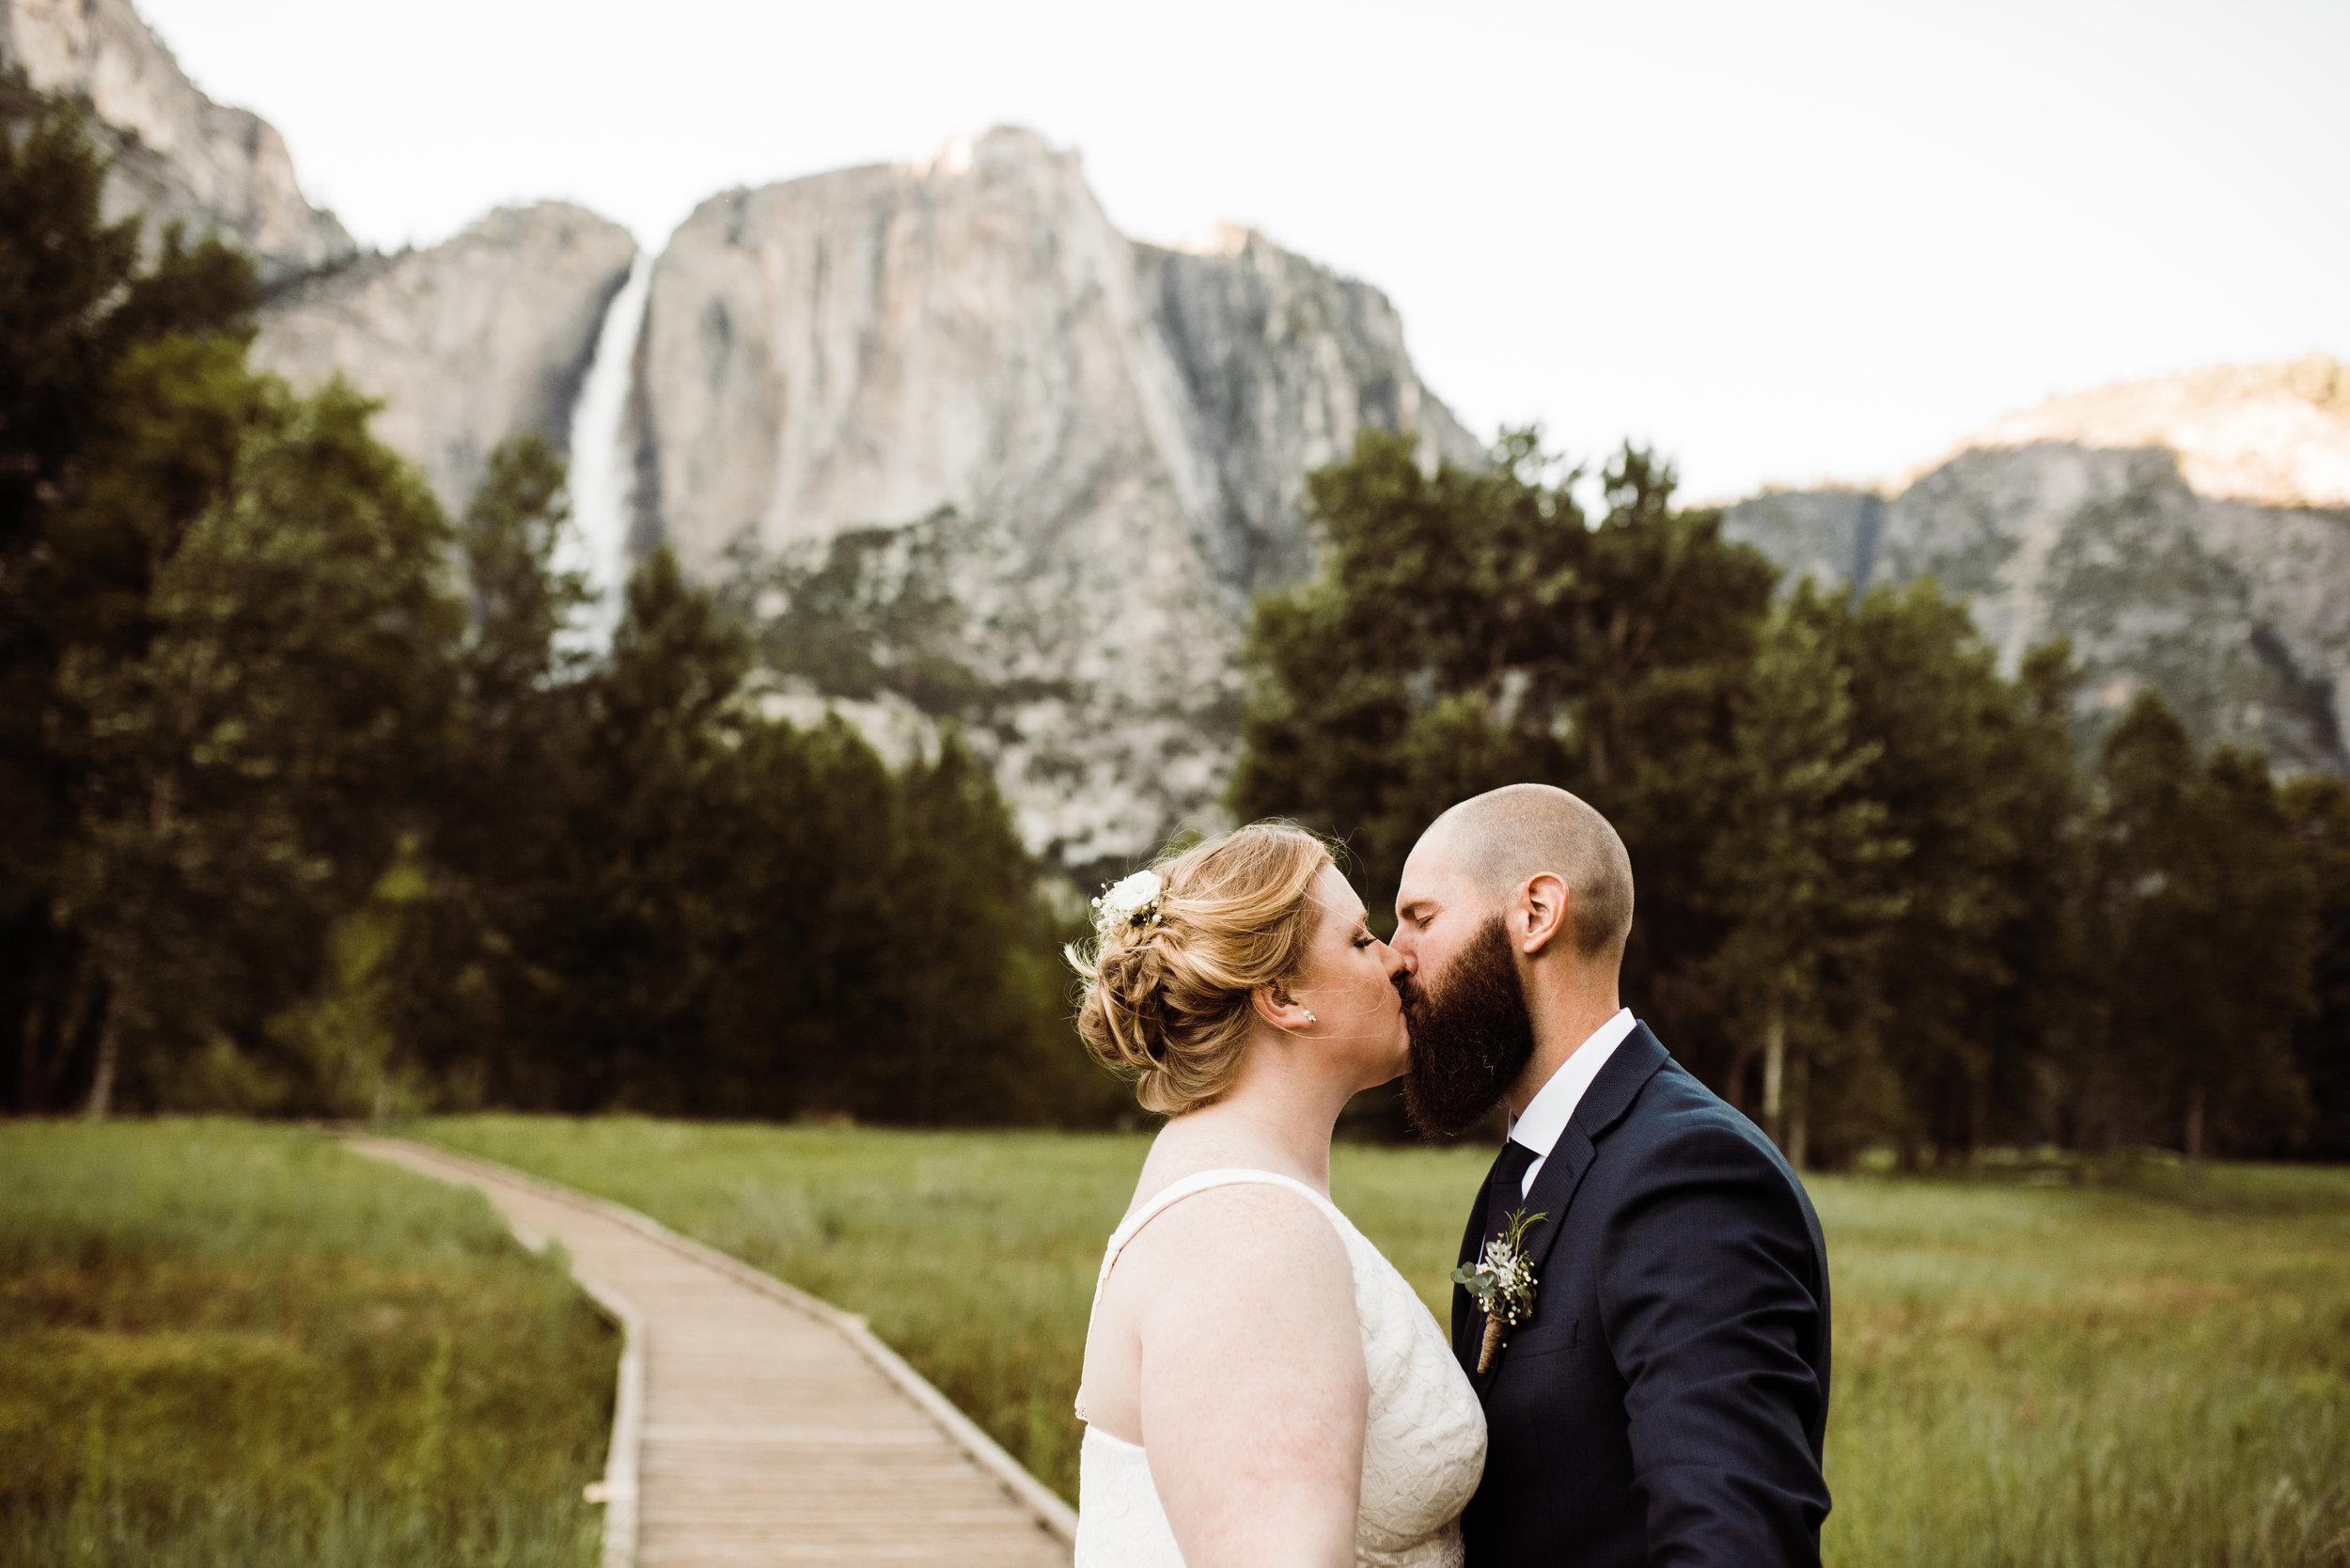 Elopement Couple Kissing beneath Yosemite Falls in Yosemite National Park